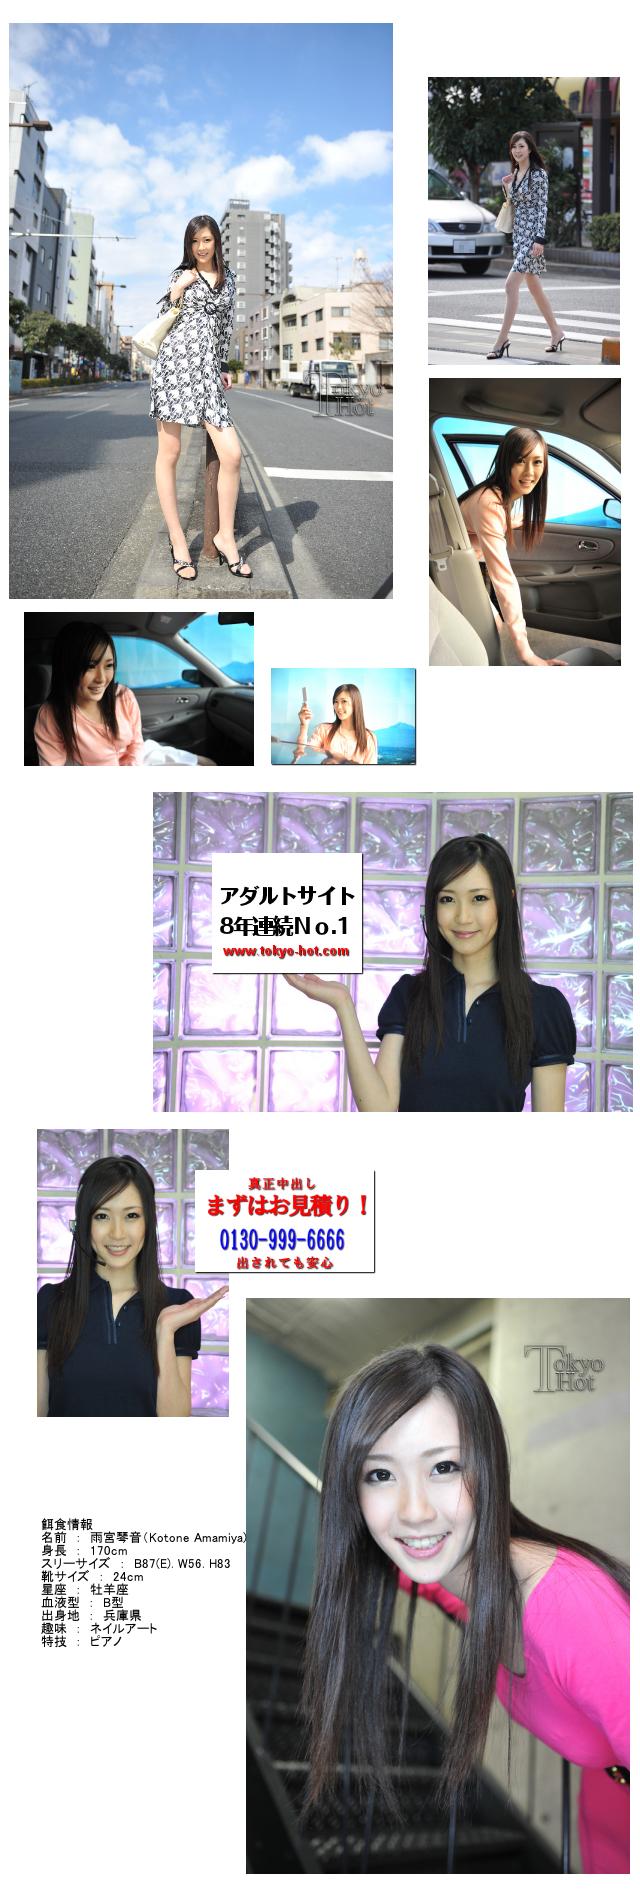 東京熱の高額女優「ザ・プレミアム 雨宮琴音東熱流ガチ中出し 雨宮琴音」